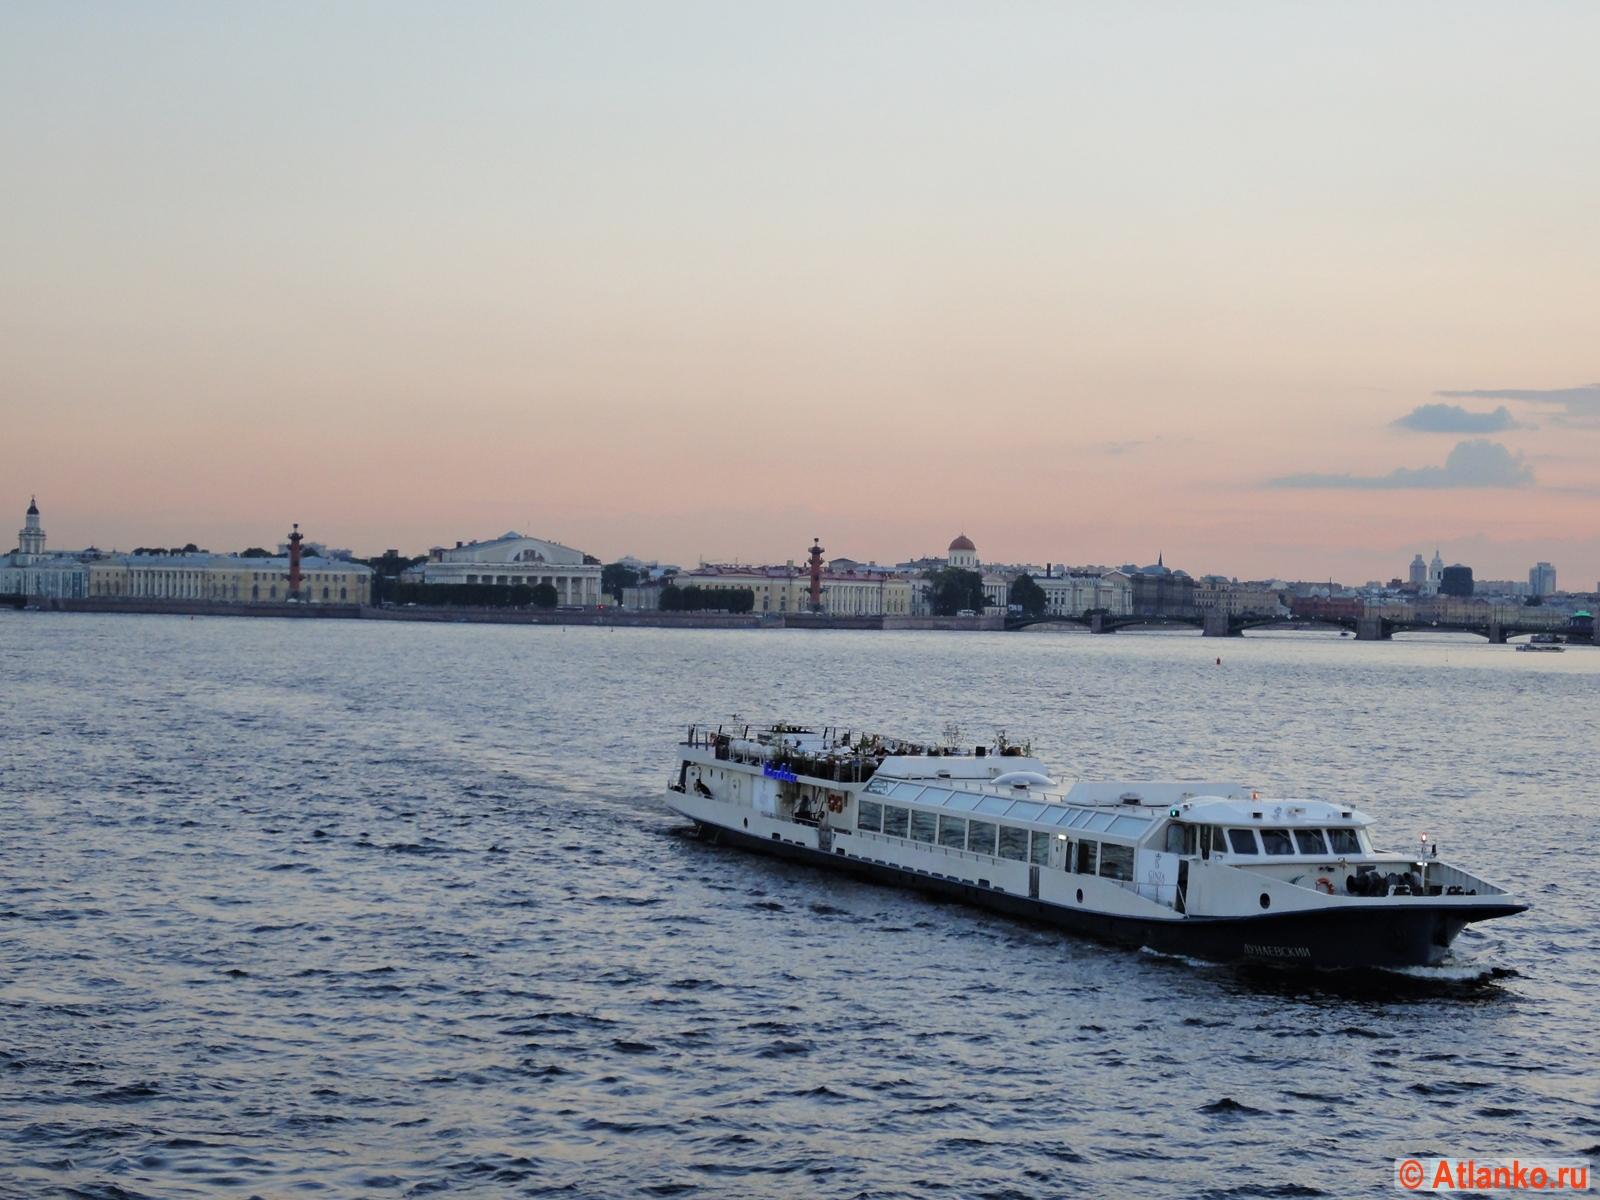 Стрелка Васильевского острова на закате. Река Нева. Санкт-Петербург. Фотография